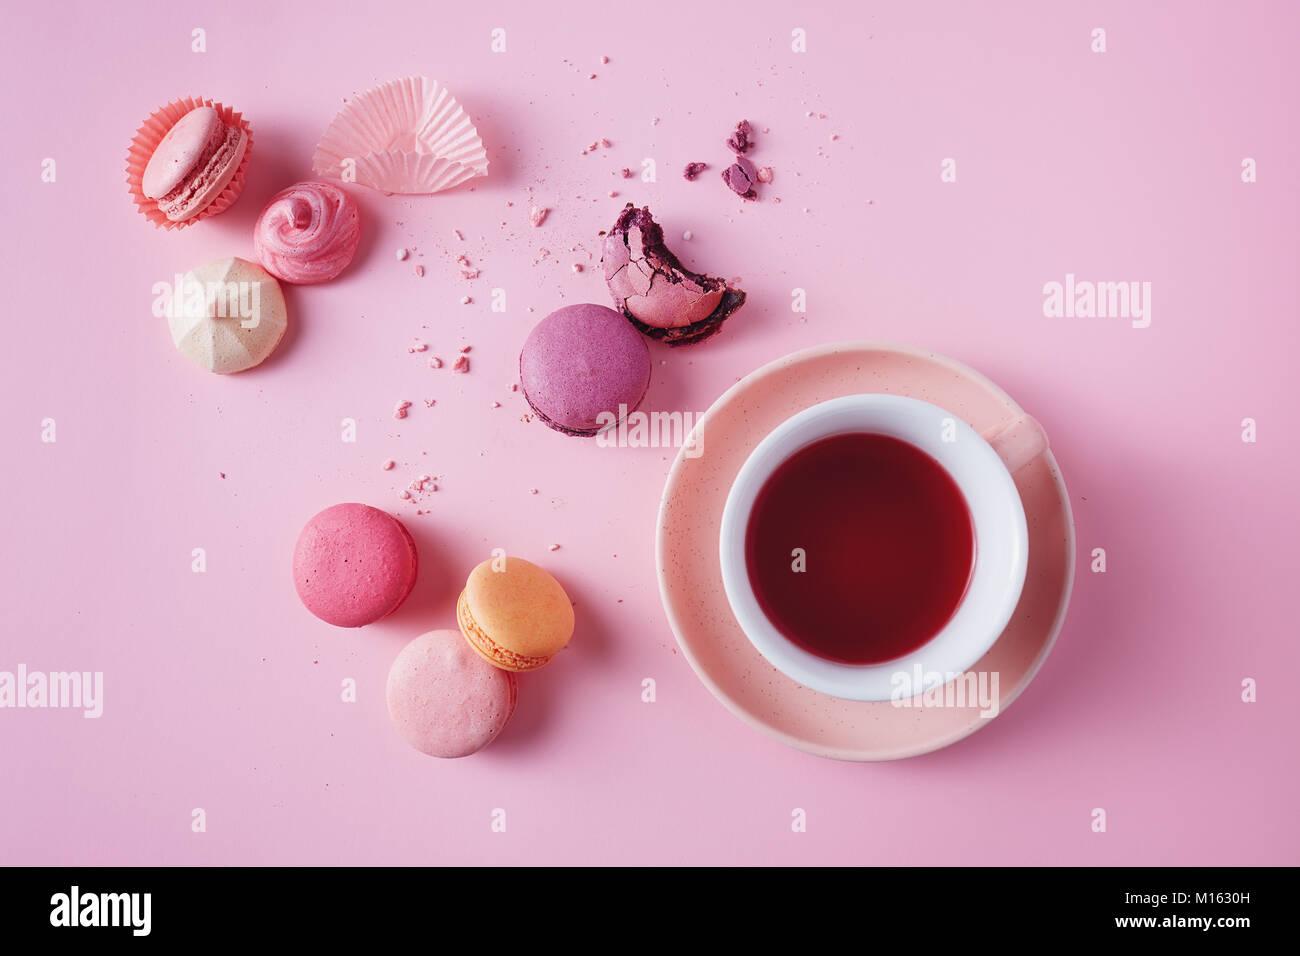 Süße französische Macarons und Baisers auf rosa Hintergrund. Stockbild